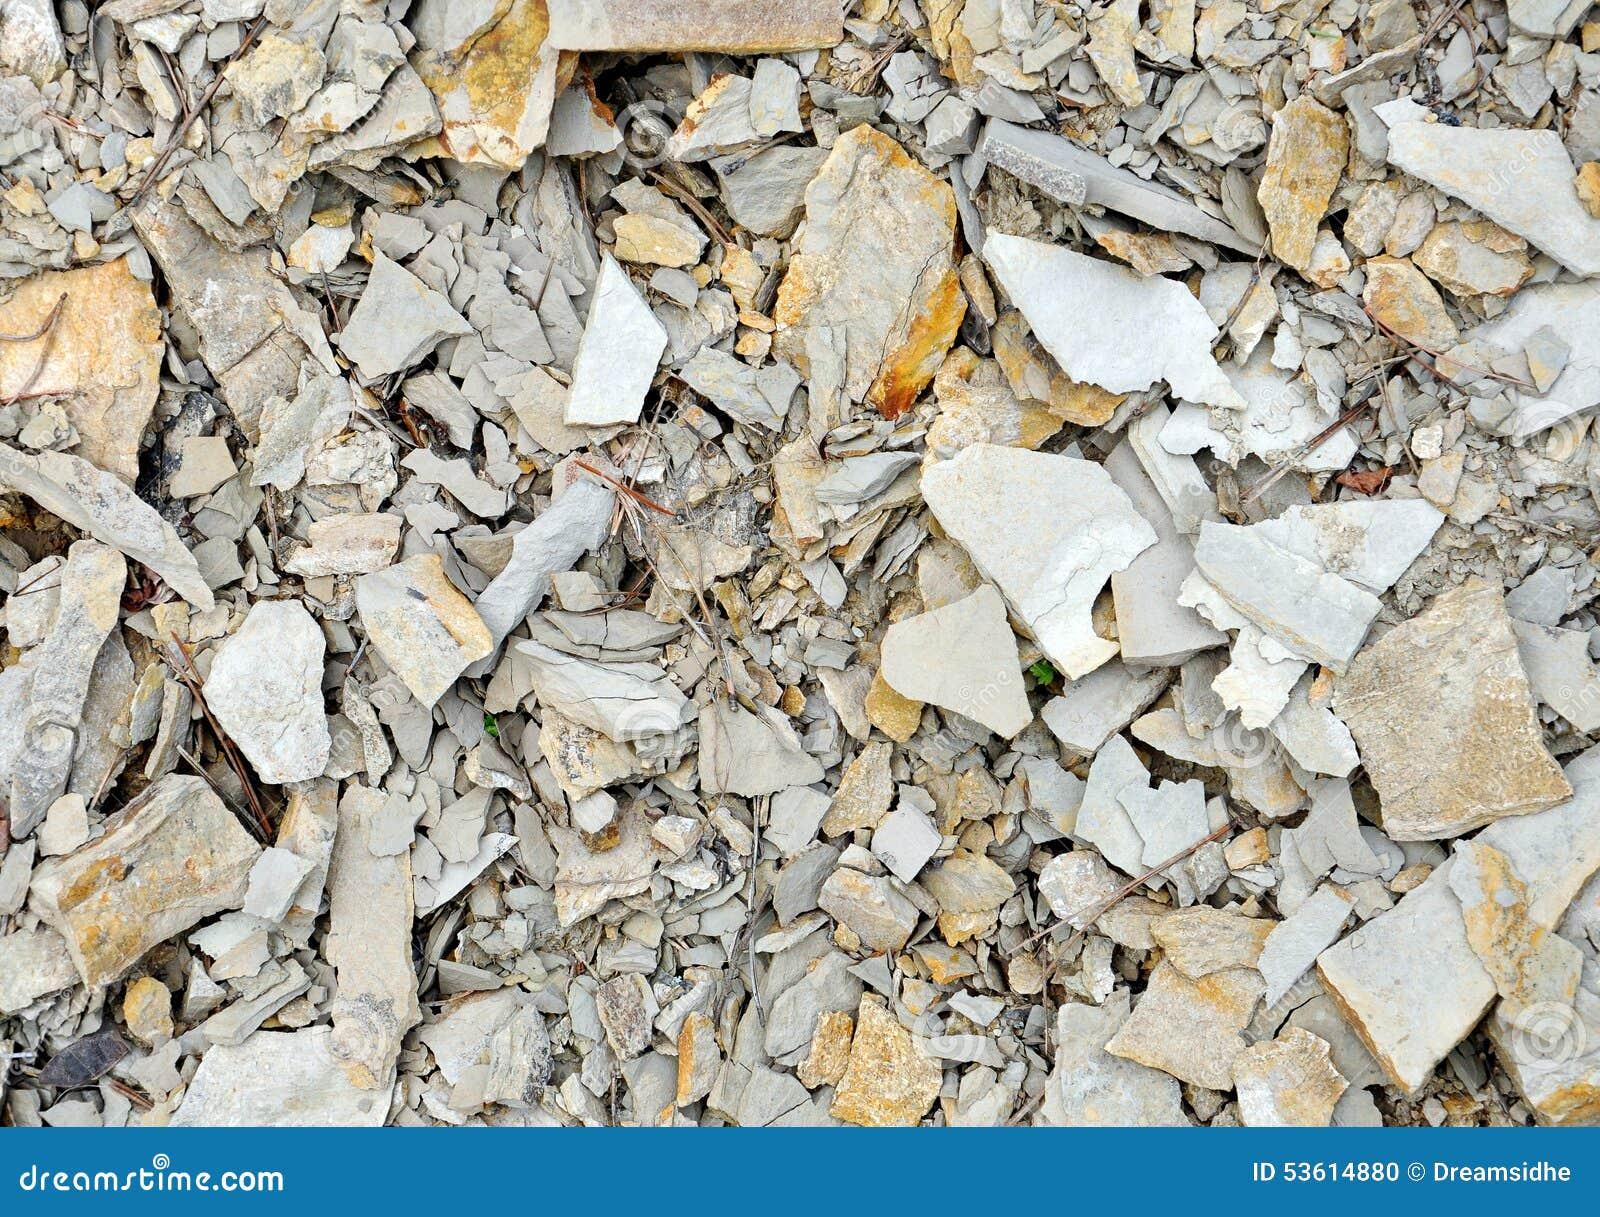 Black Crushed Rock : Black crushed stone stock photo image